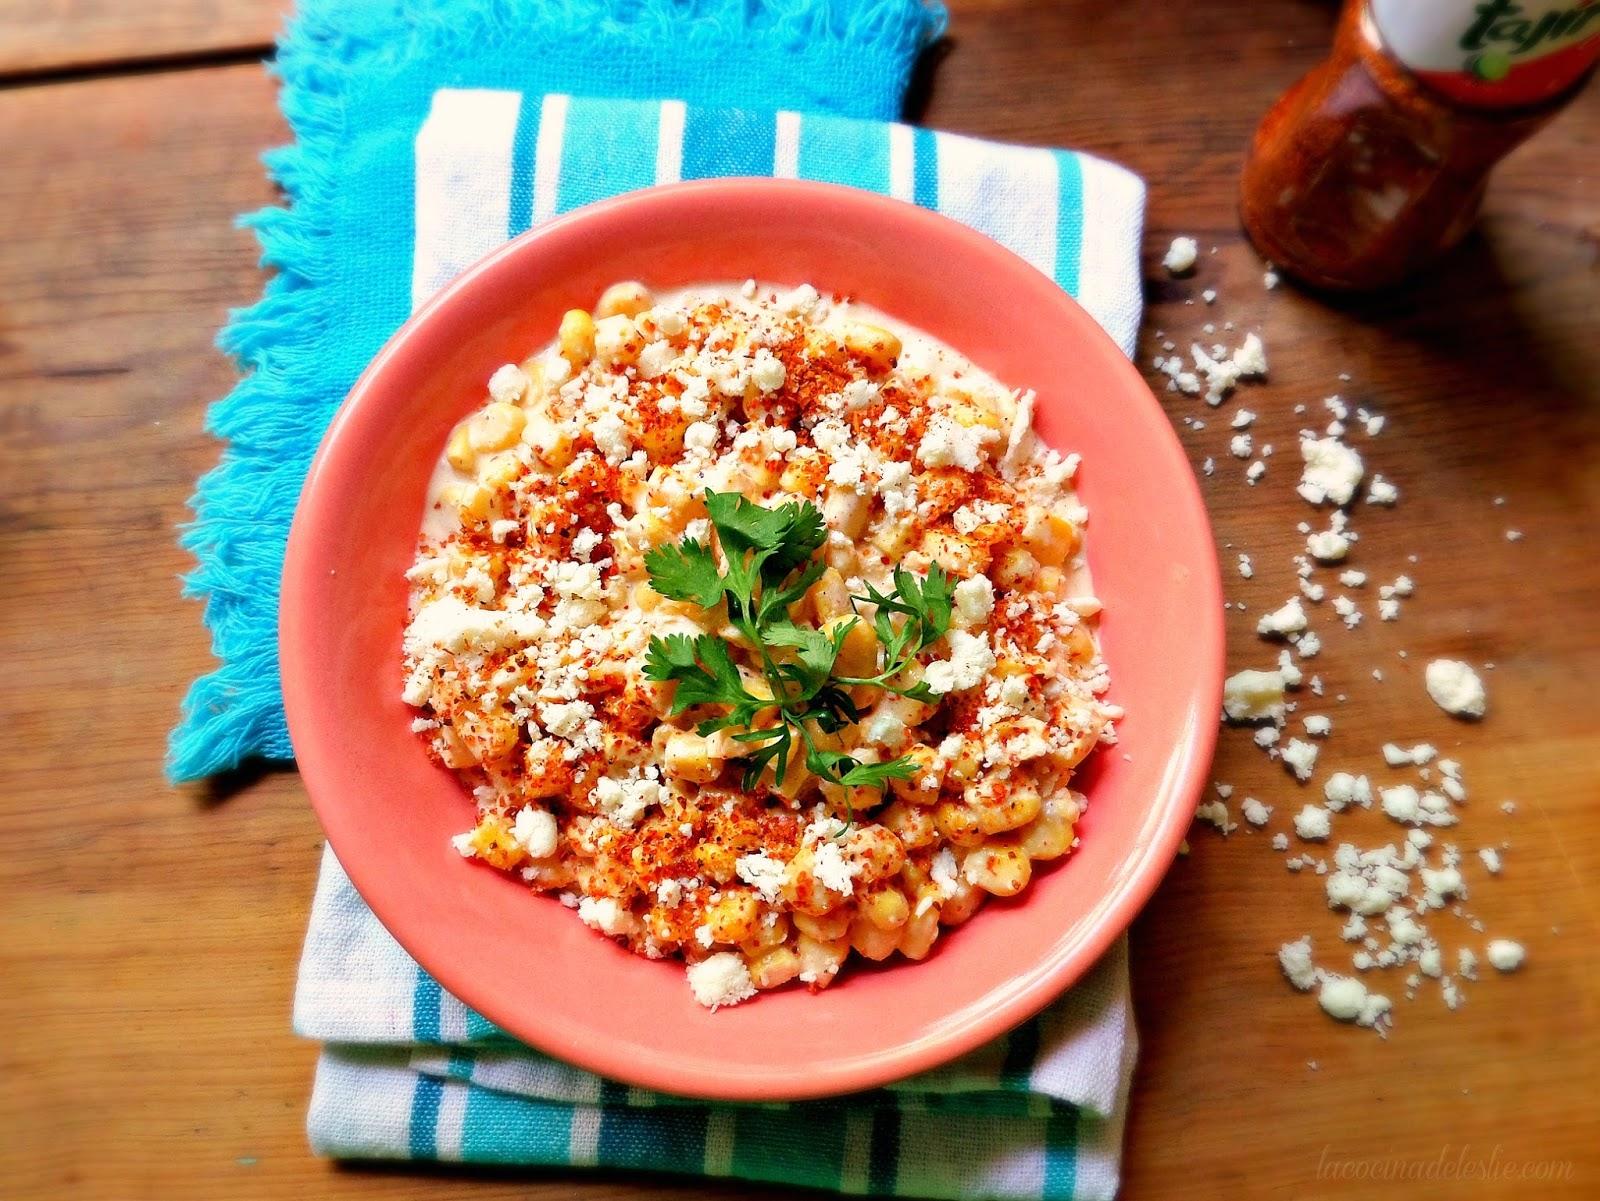 Ensalada de Esquites (Mexican Street Corn Salad) - lacocinadeleslie.com